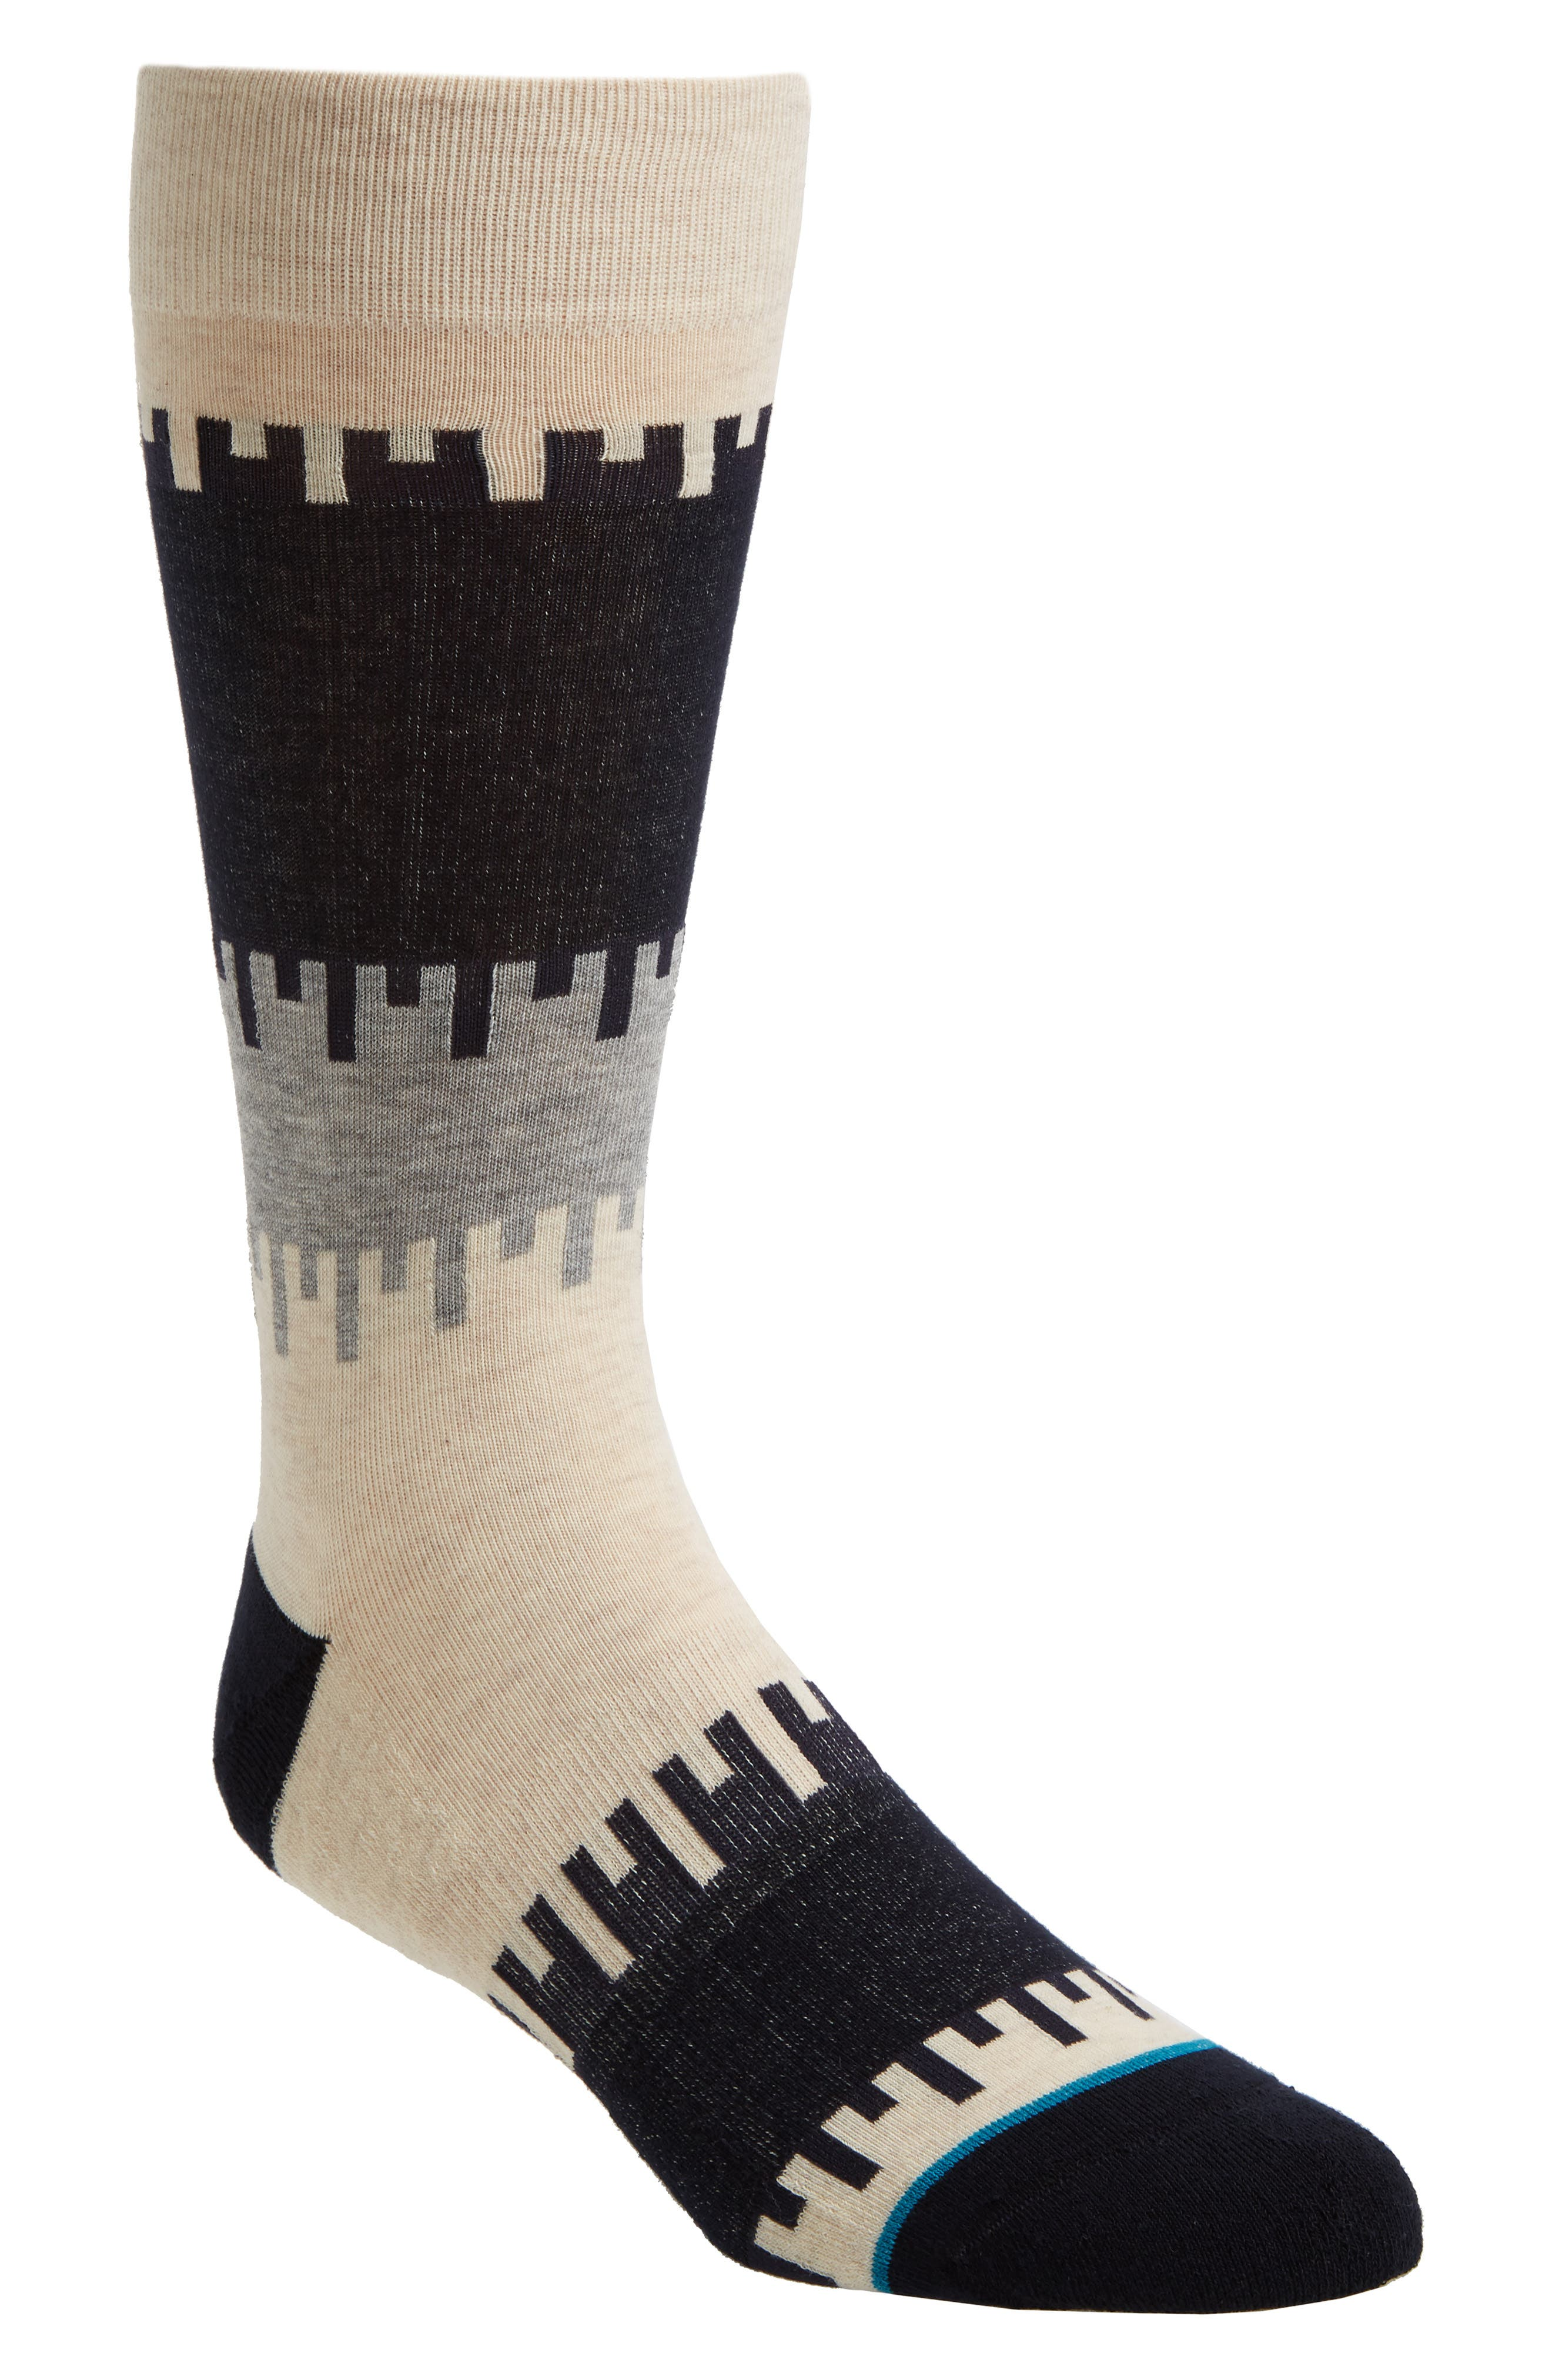 Main Image - Stance Belized Socks